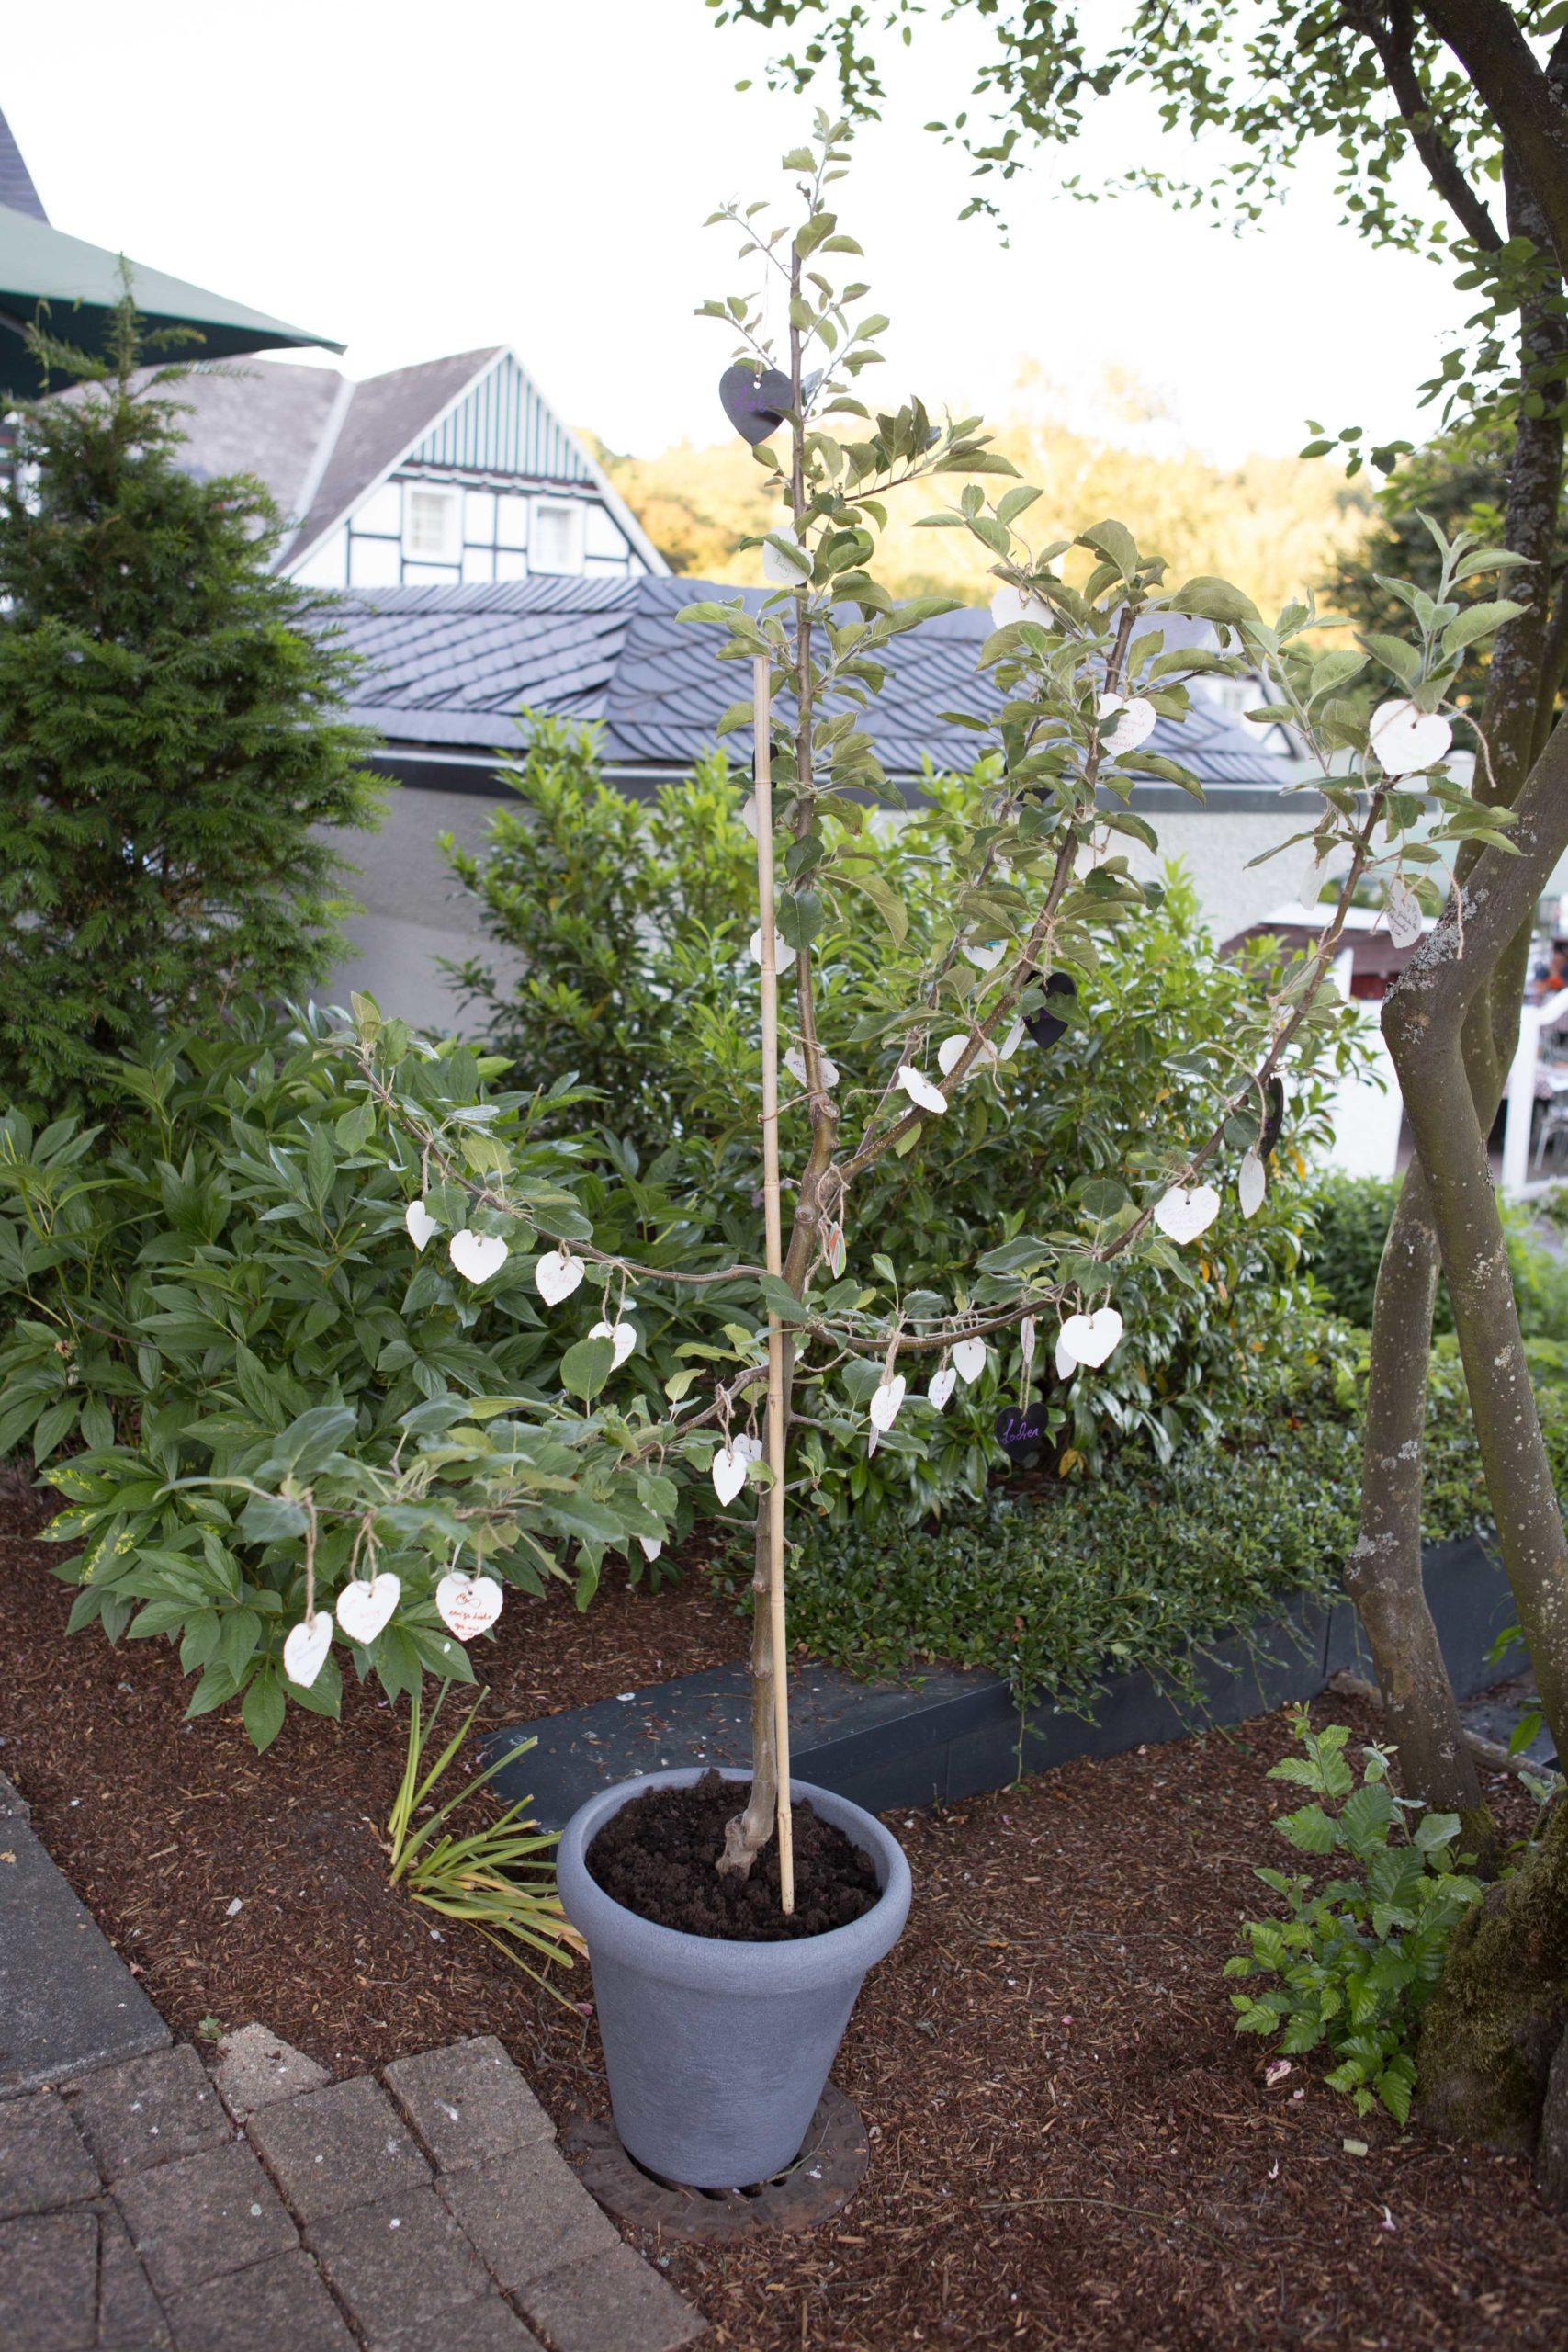 Freie Trauung: Baum pflanzen mit Wunschherzen